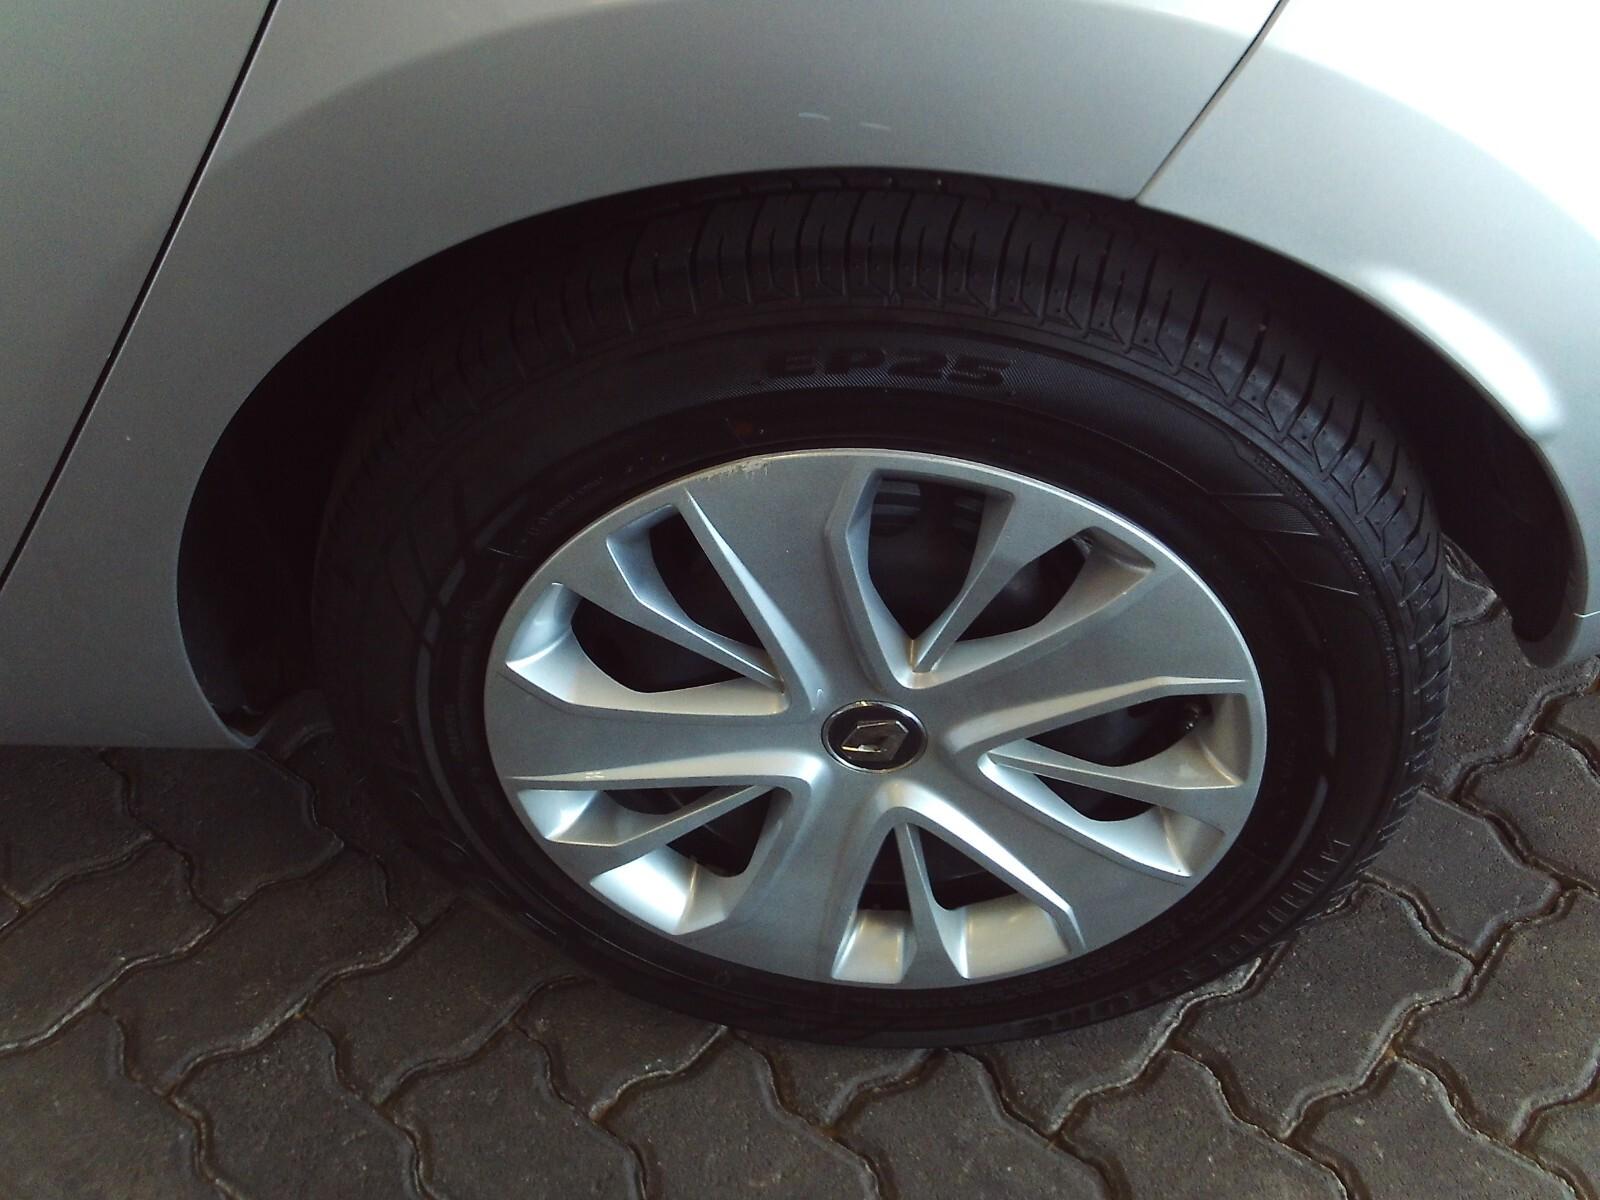 RENAULT IV 900T AUTHENTIQUE 5DR (66KW) Pretoria 17328867